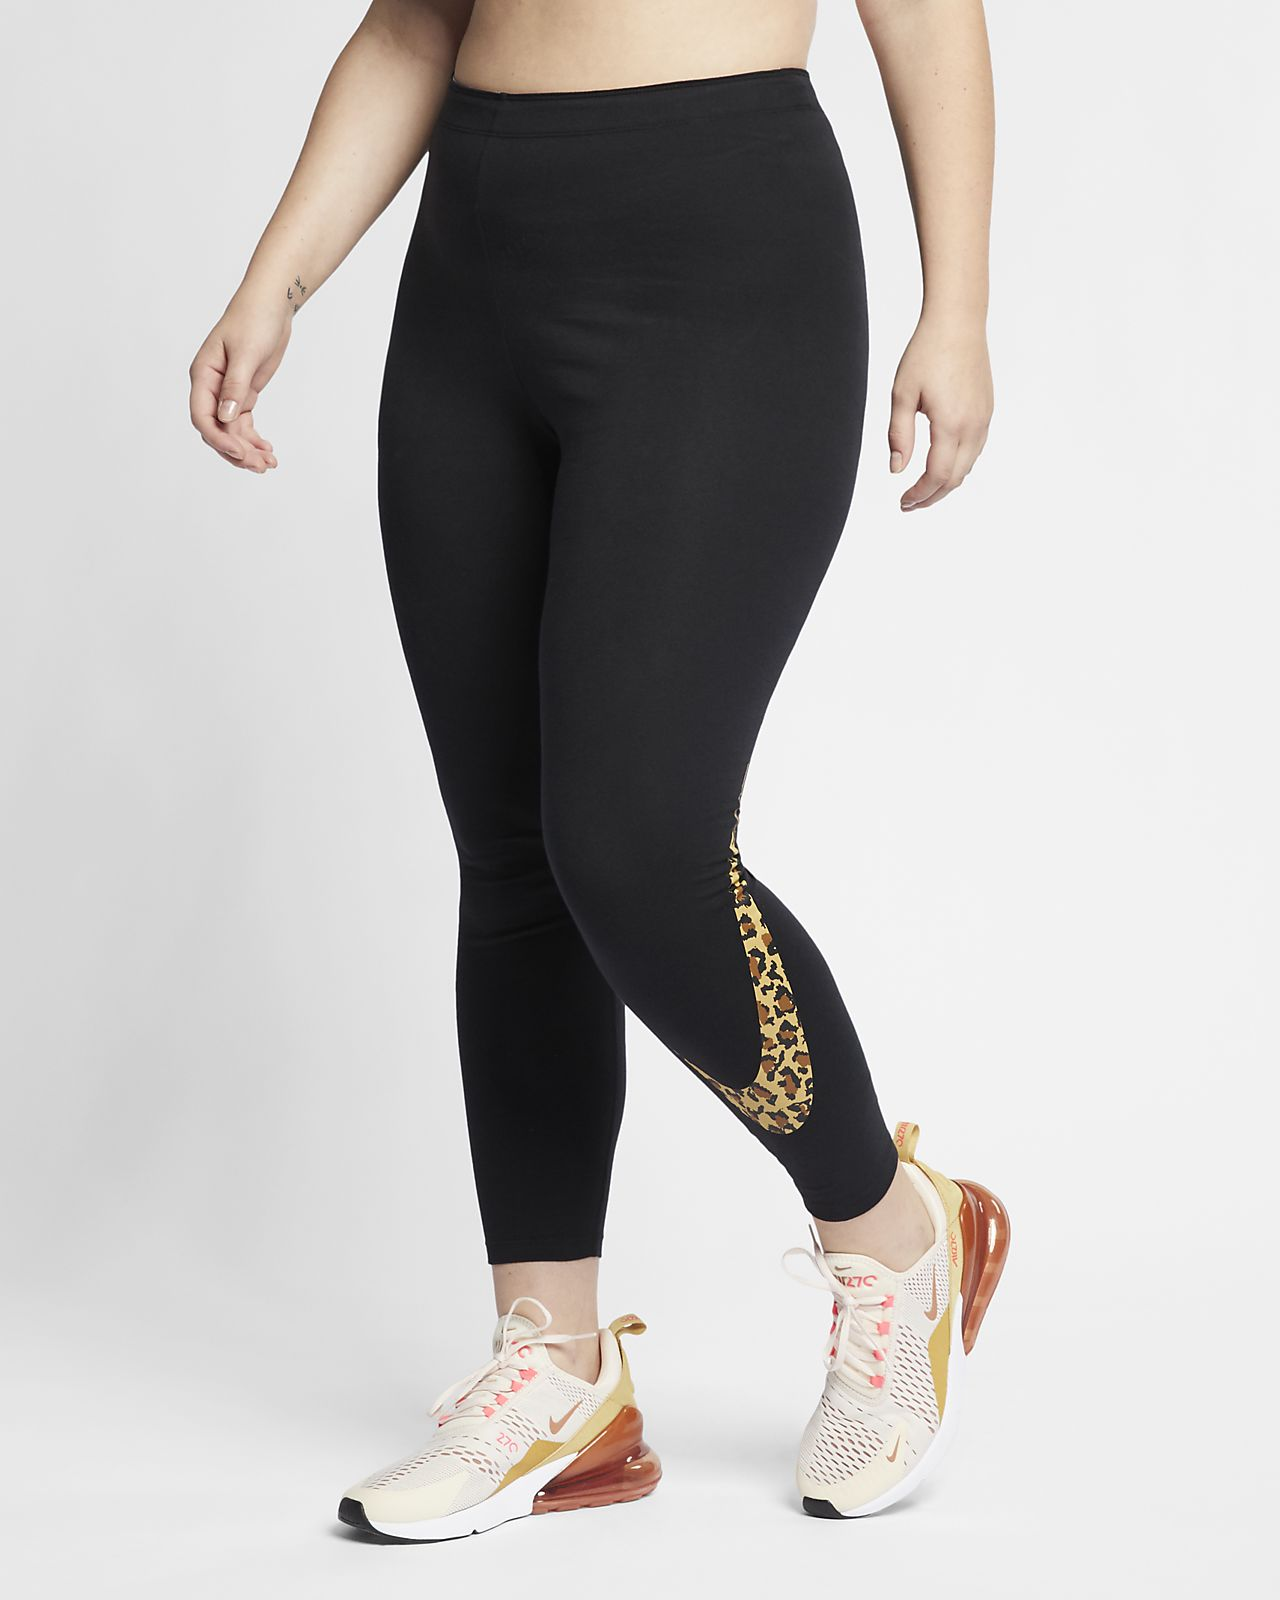 f66f69bc0120 ... Γυναικείο κολάν με animal print Nike Sportswear (μεγάλα μεγέθη)